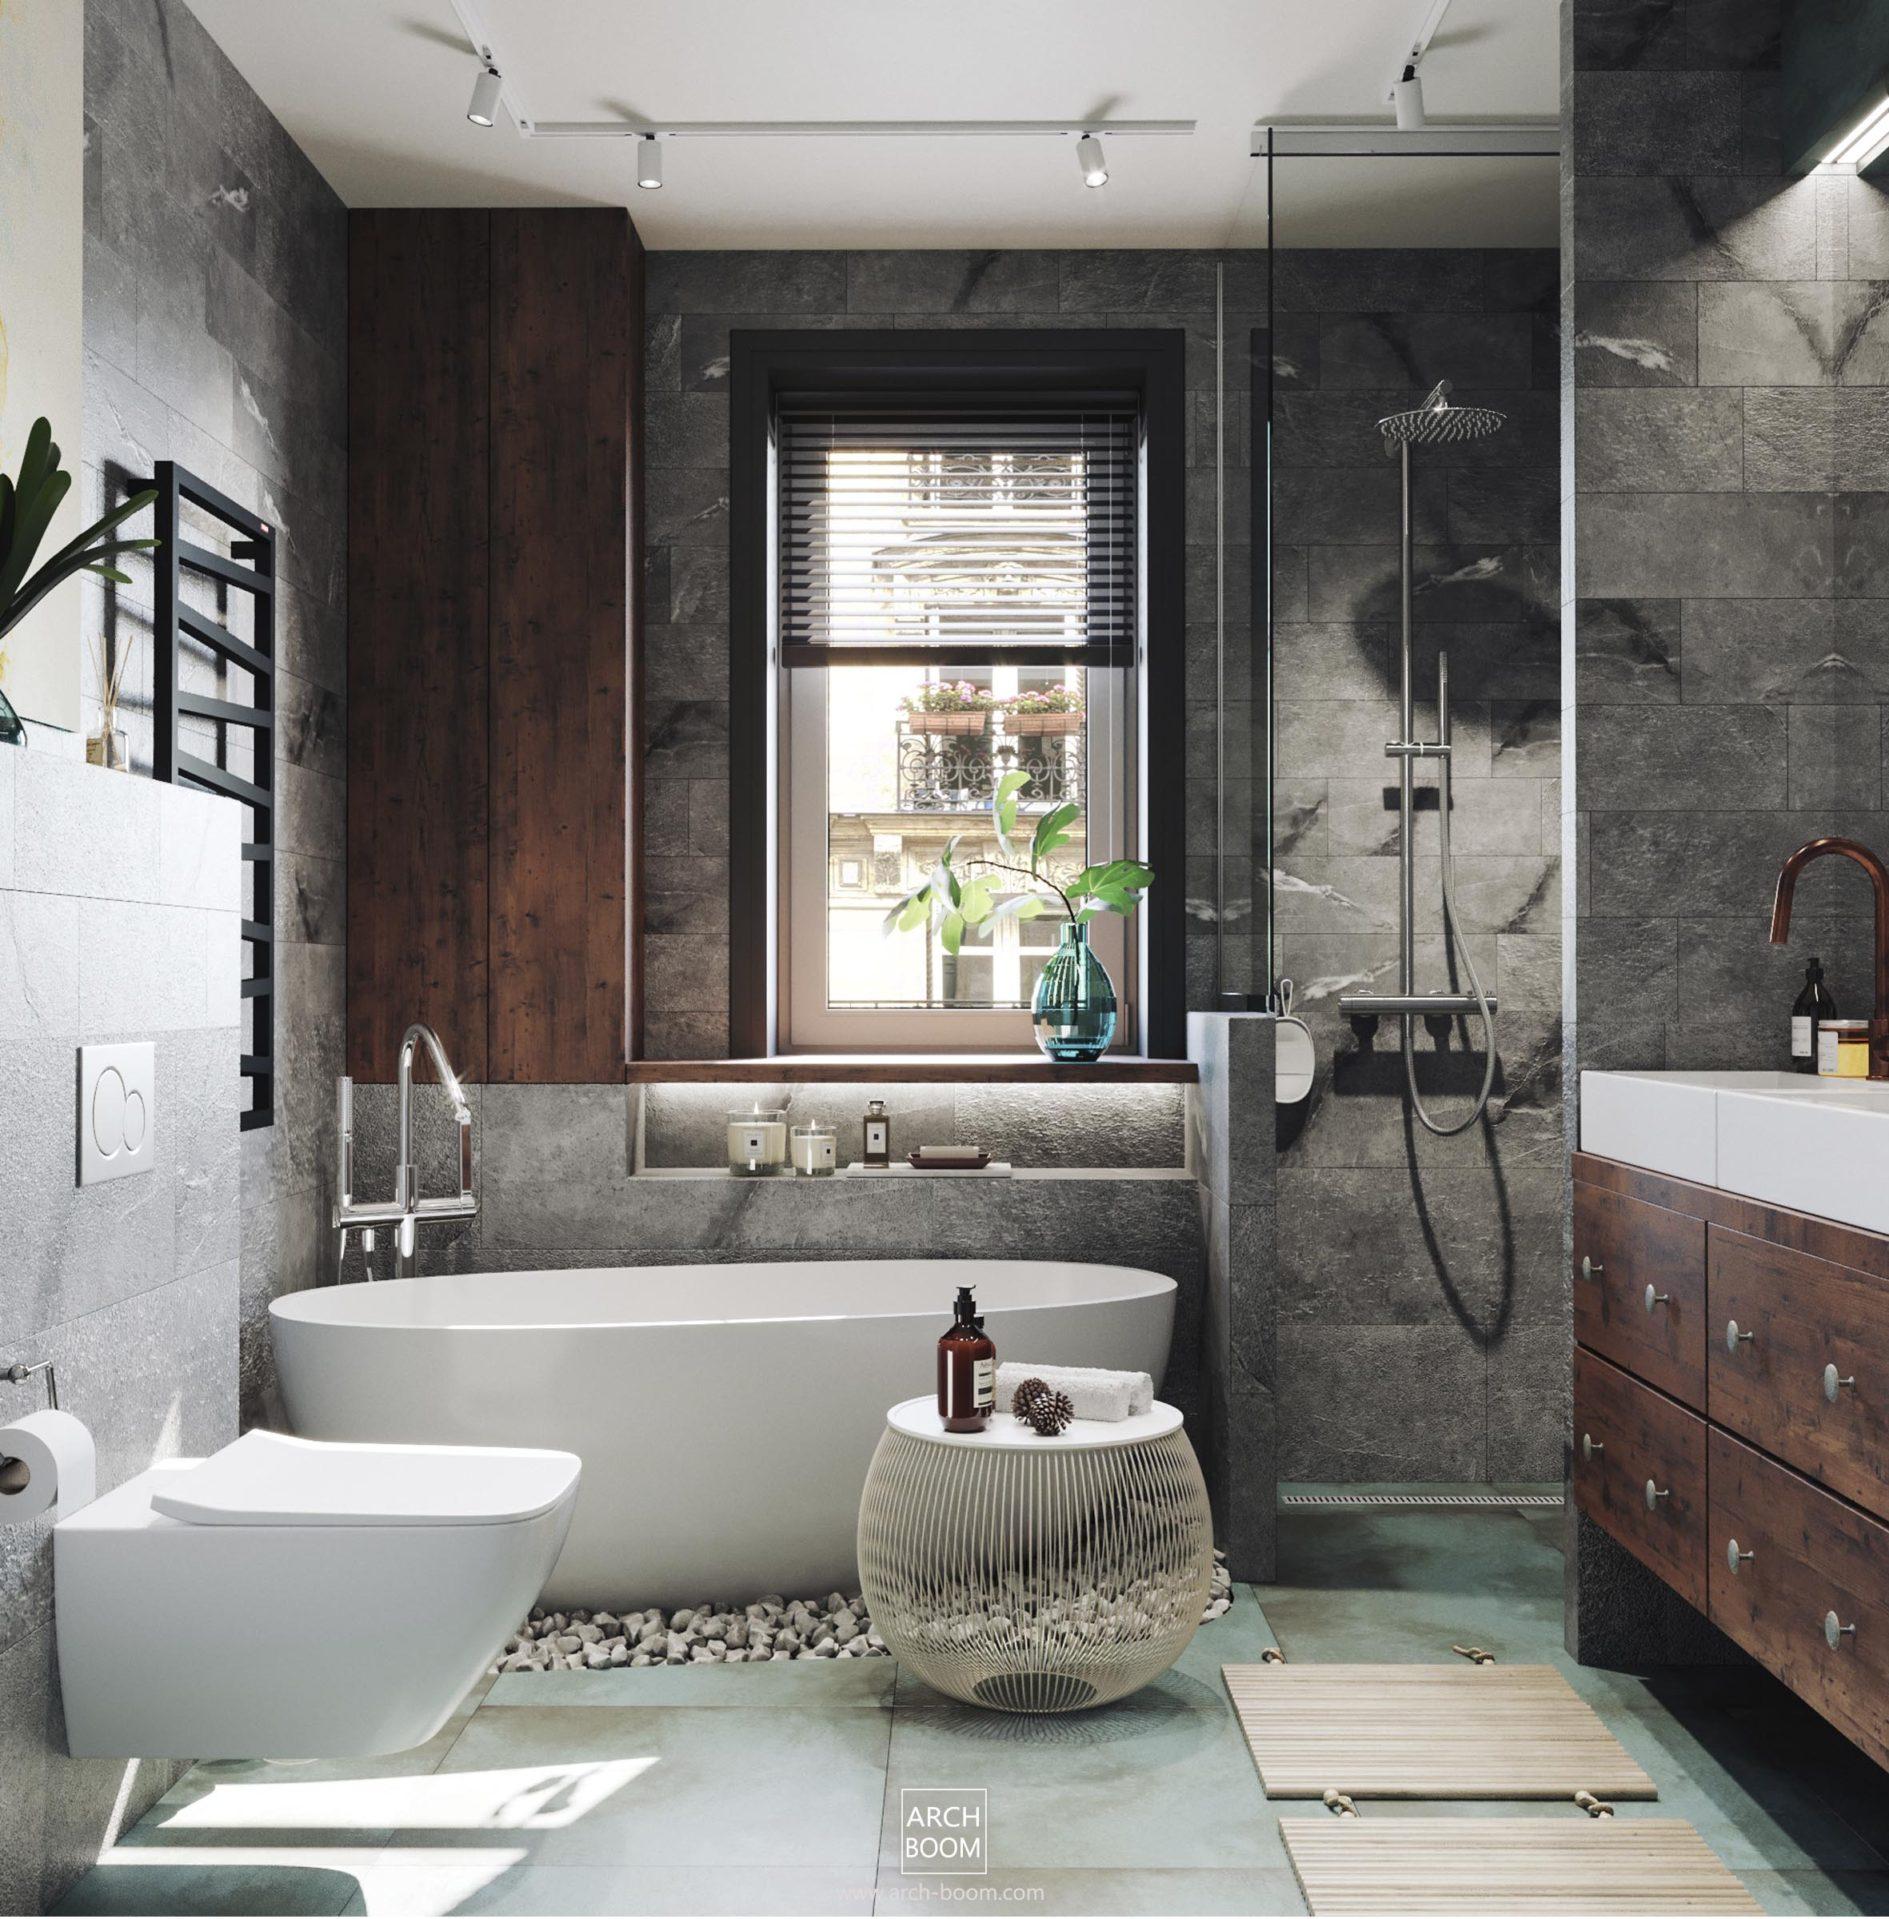 łazienka z wanną wolnostojącą w kolorze szarym i turkusowym